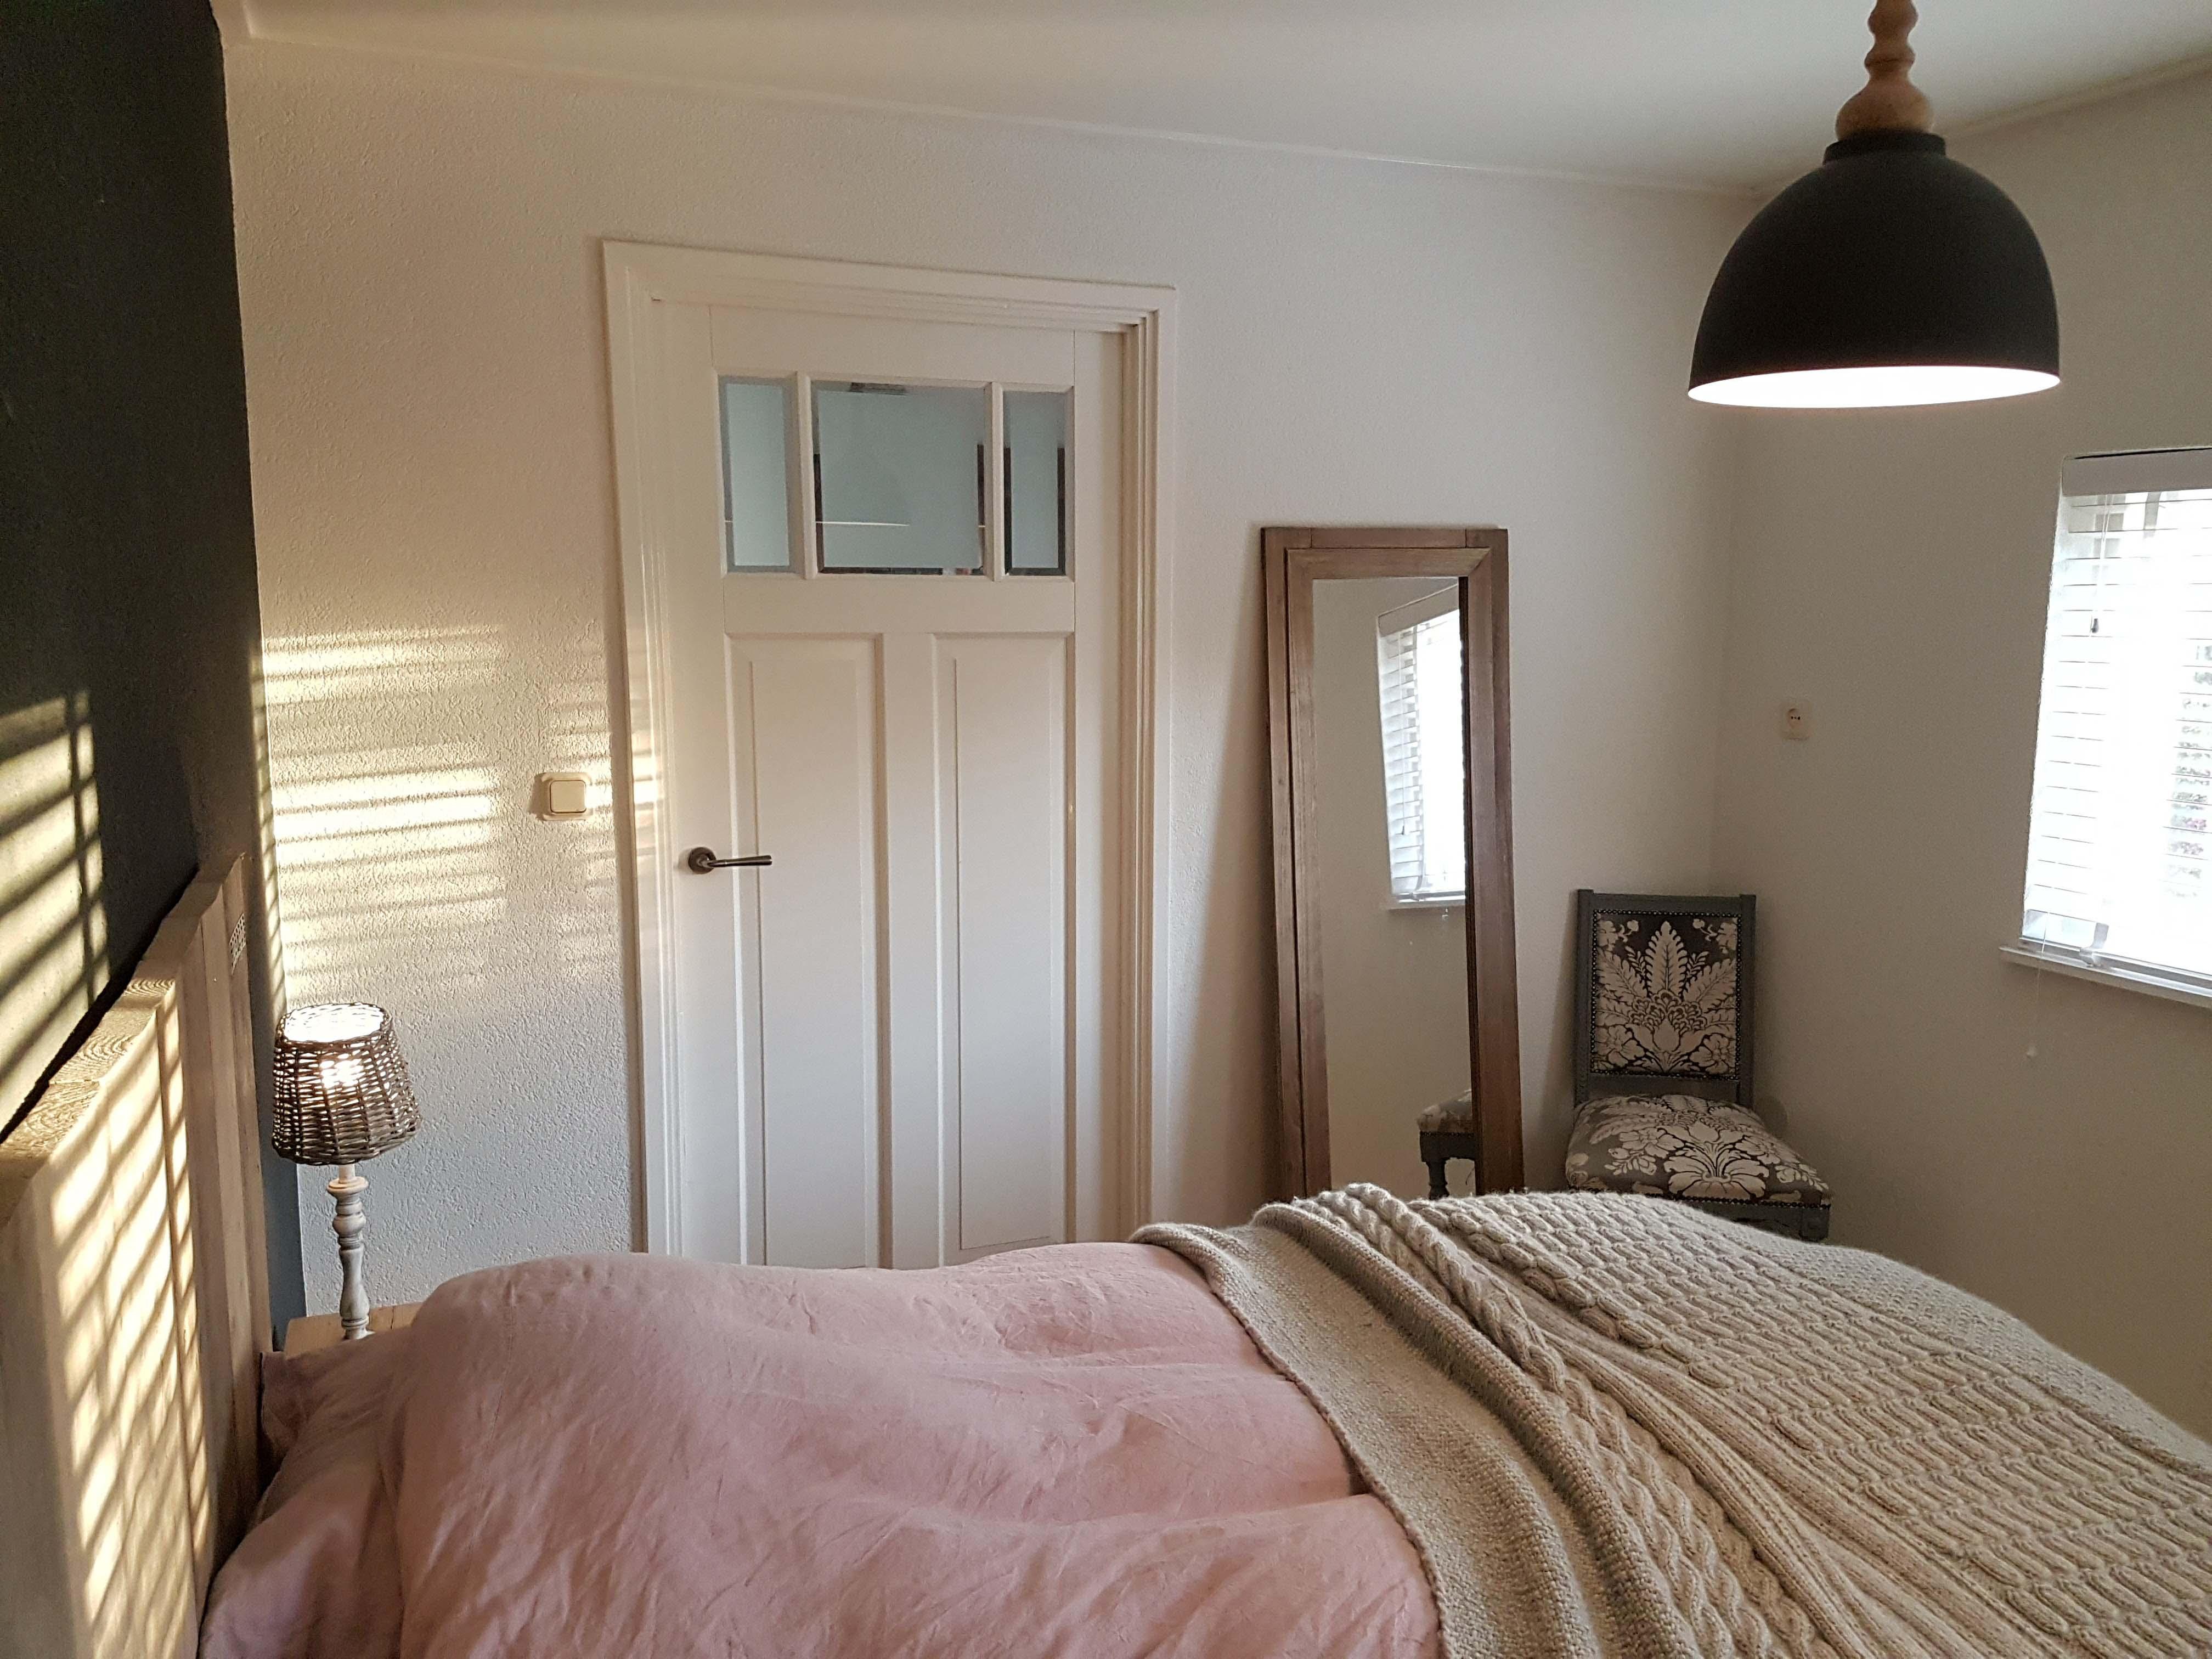 lichtinval slaapkamer